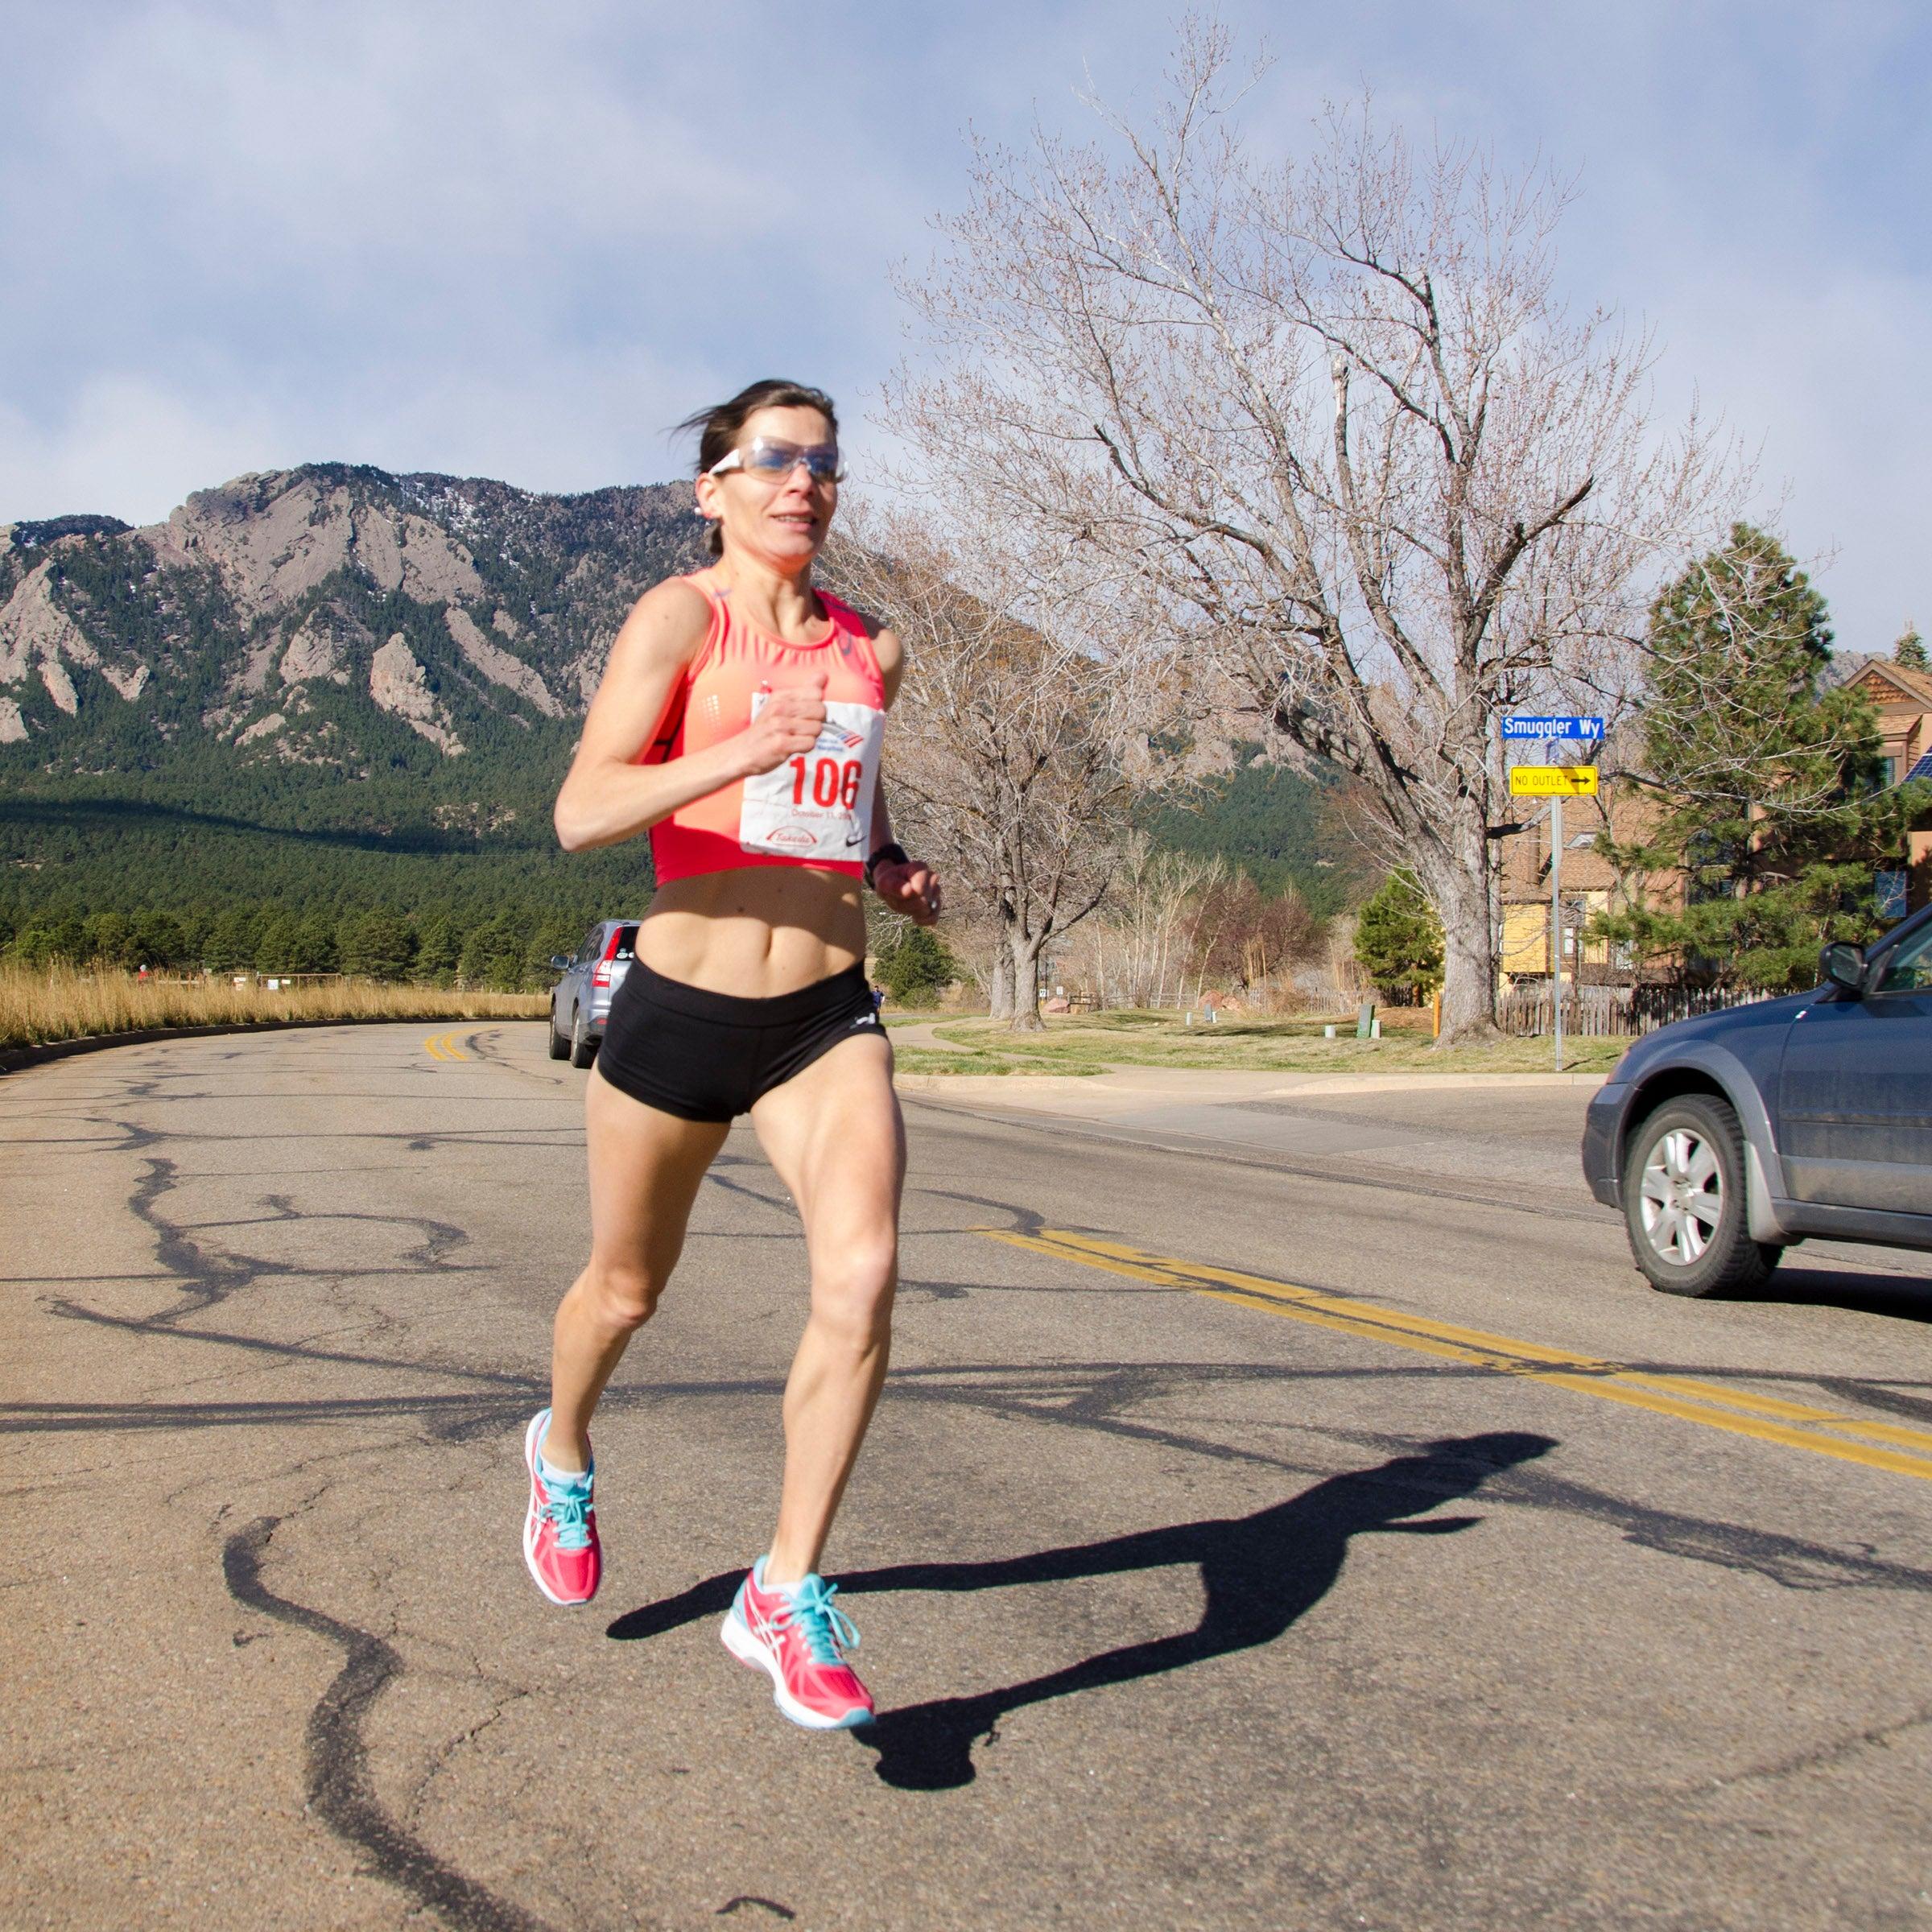 running alongside traffic in virtual race